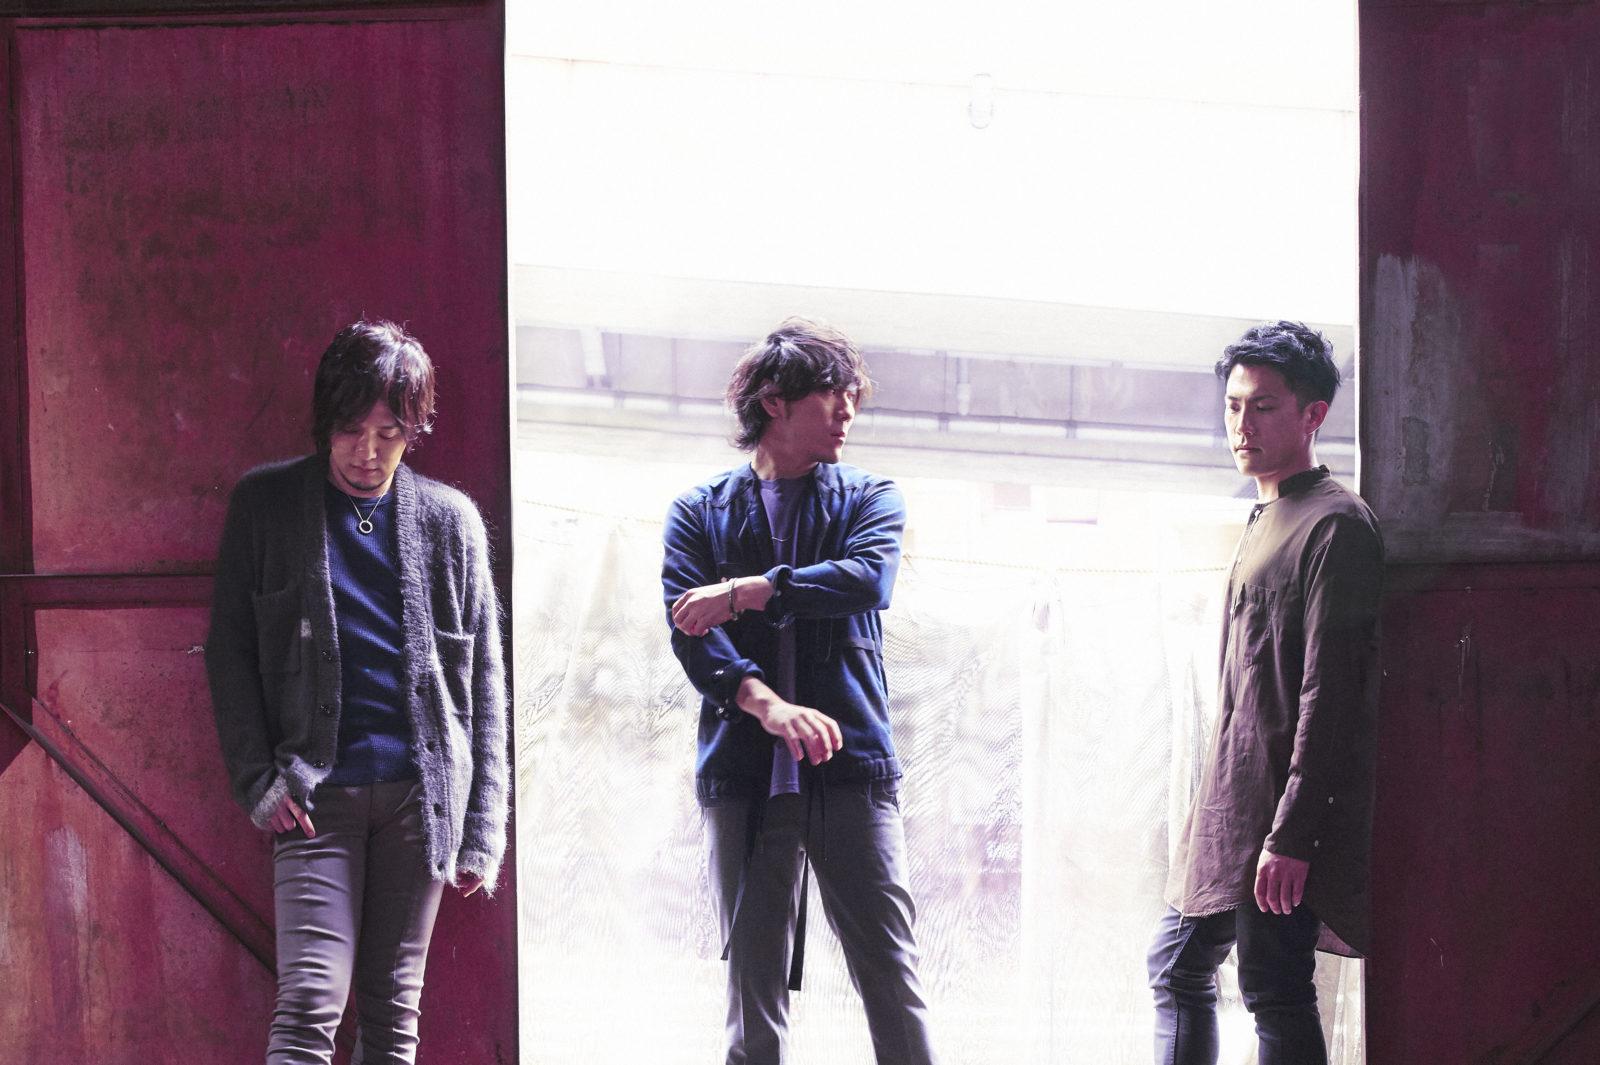 佐藤健×土屋太鳳 感動の実話映画の主題歌にback numberが決定サムネイル画像